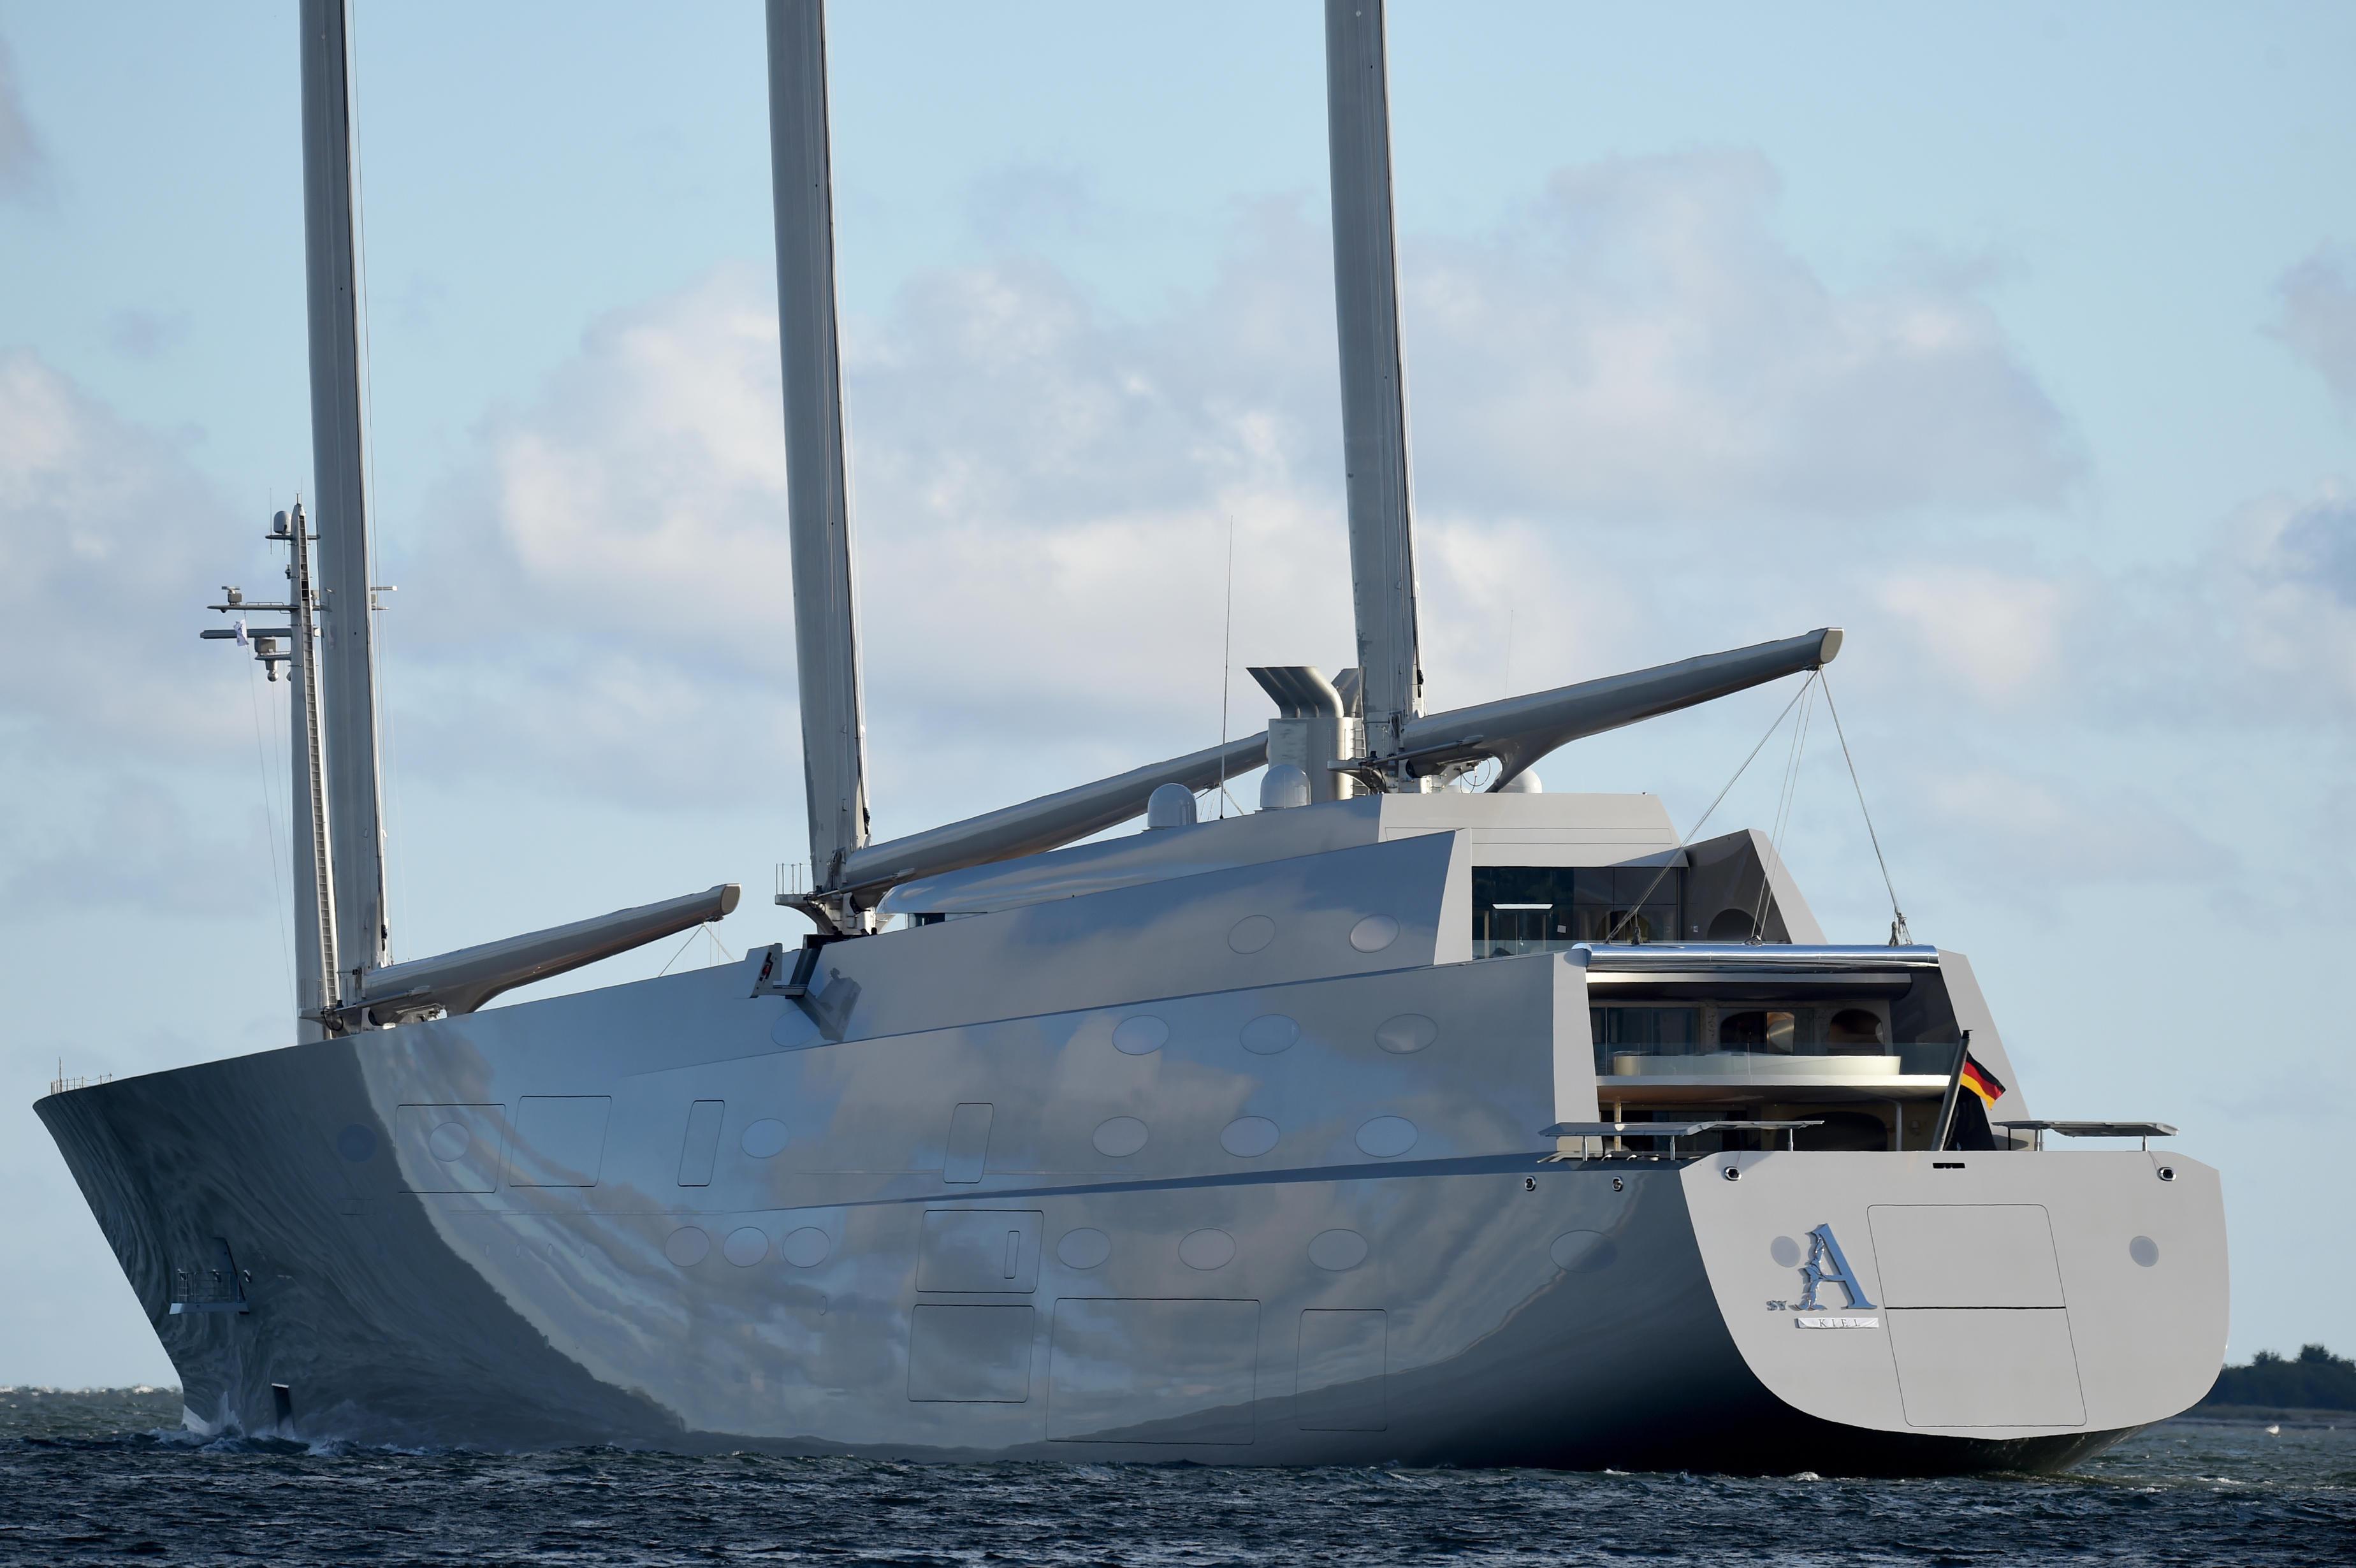 Barche pi grandi del mondo la cura dello yacht for Classifica yacht piu grandi del mondo